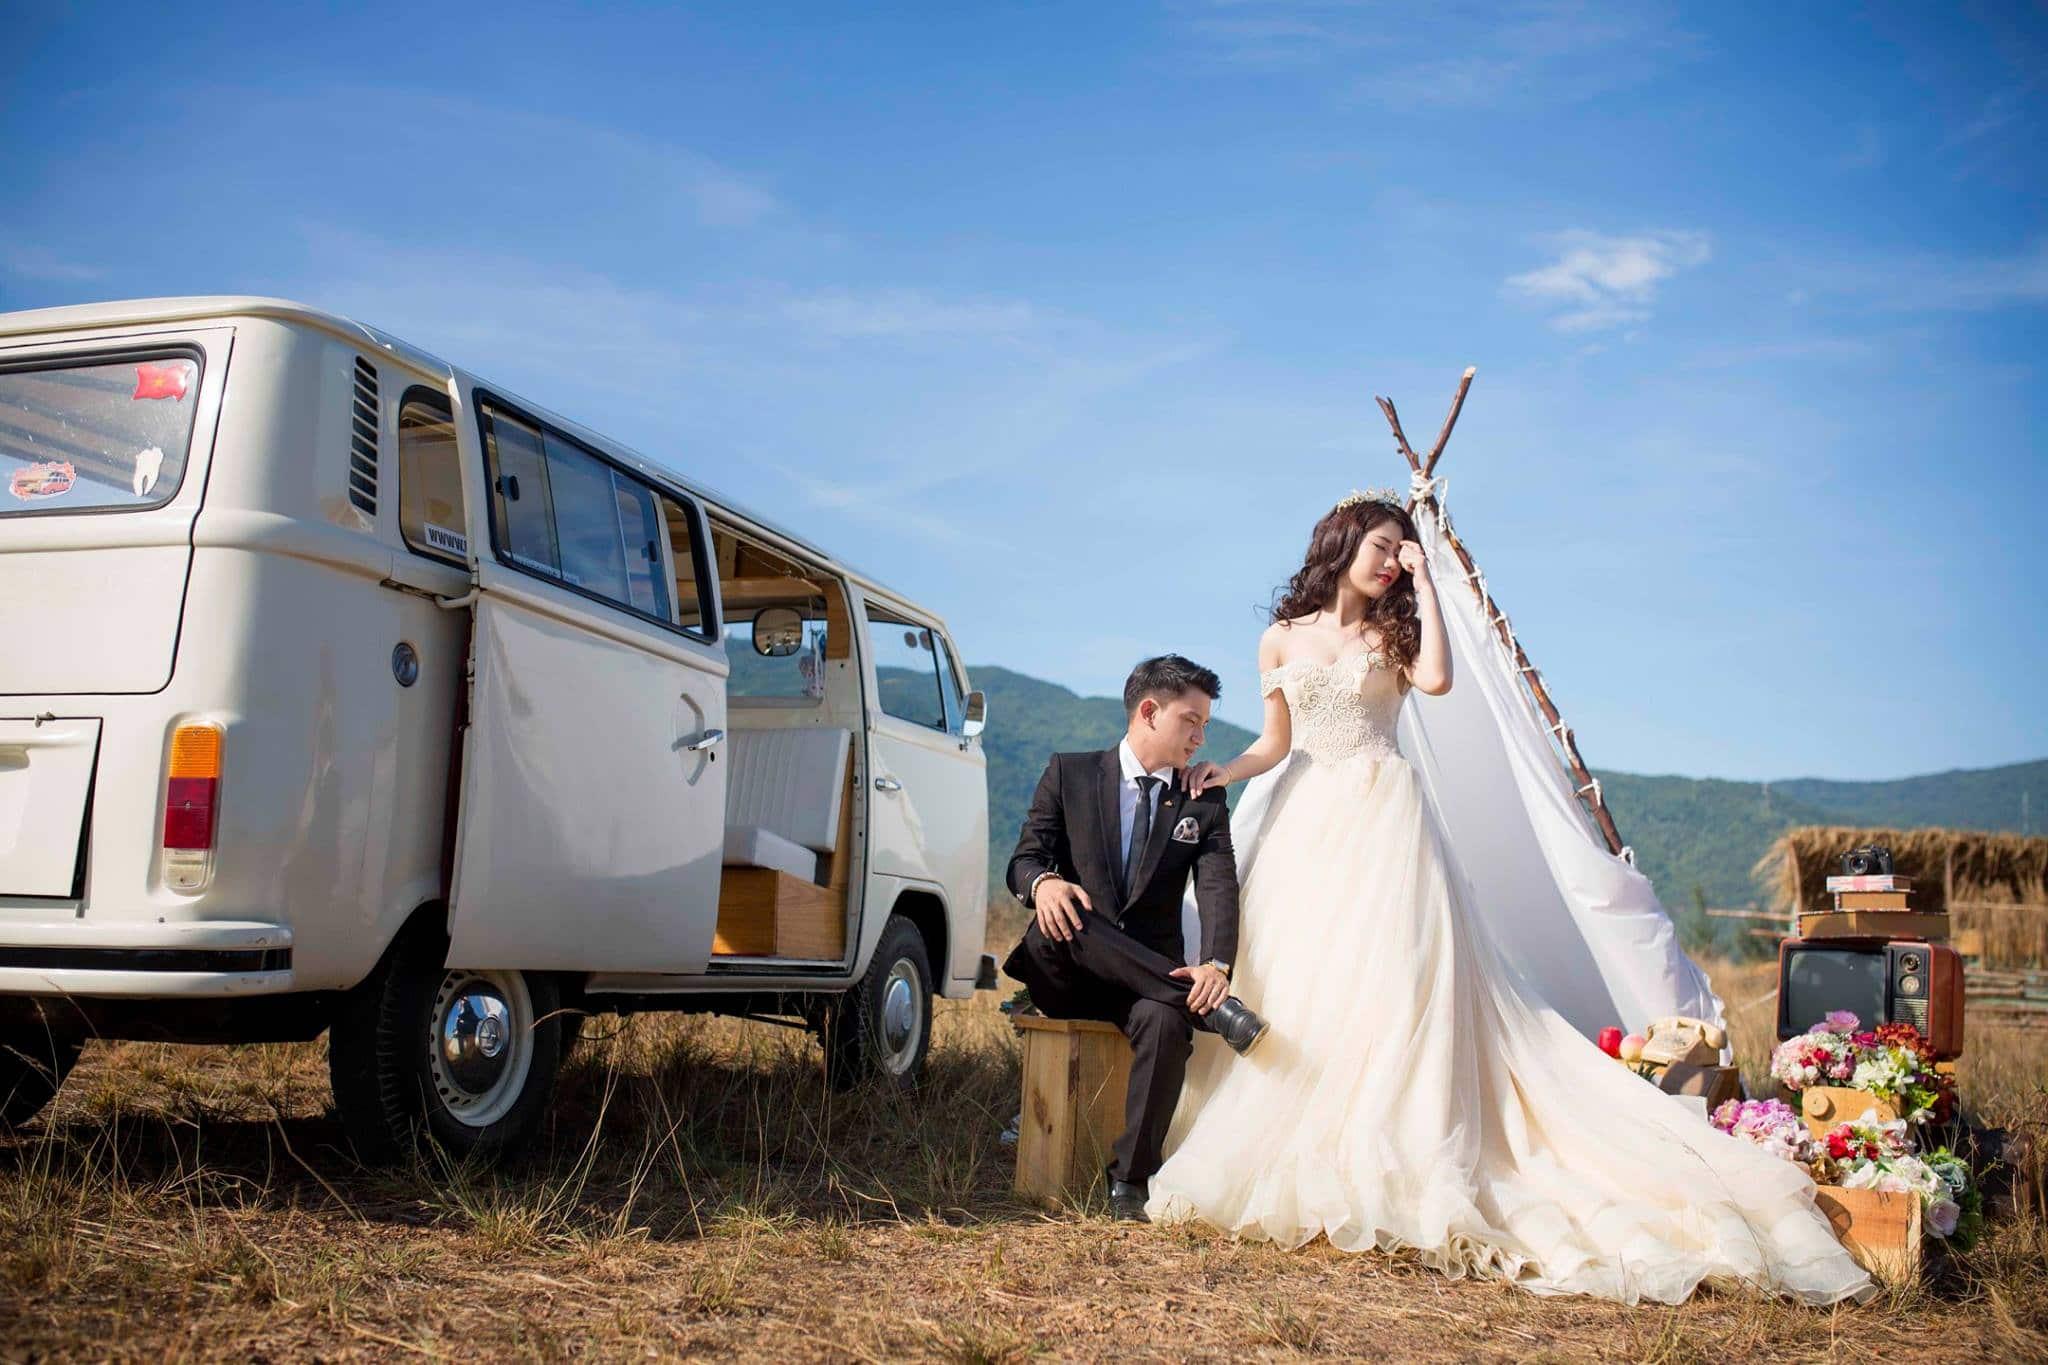 album ảnh cưới đẹp, lãng mạn cho cặp đôi